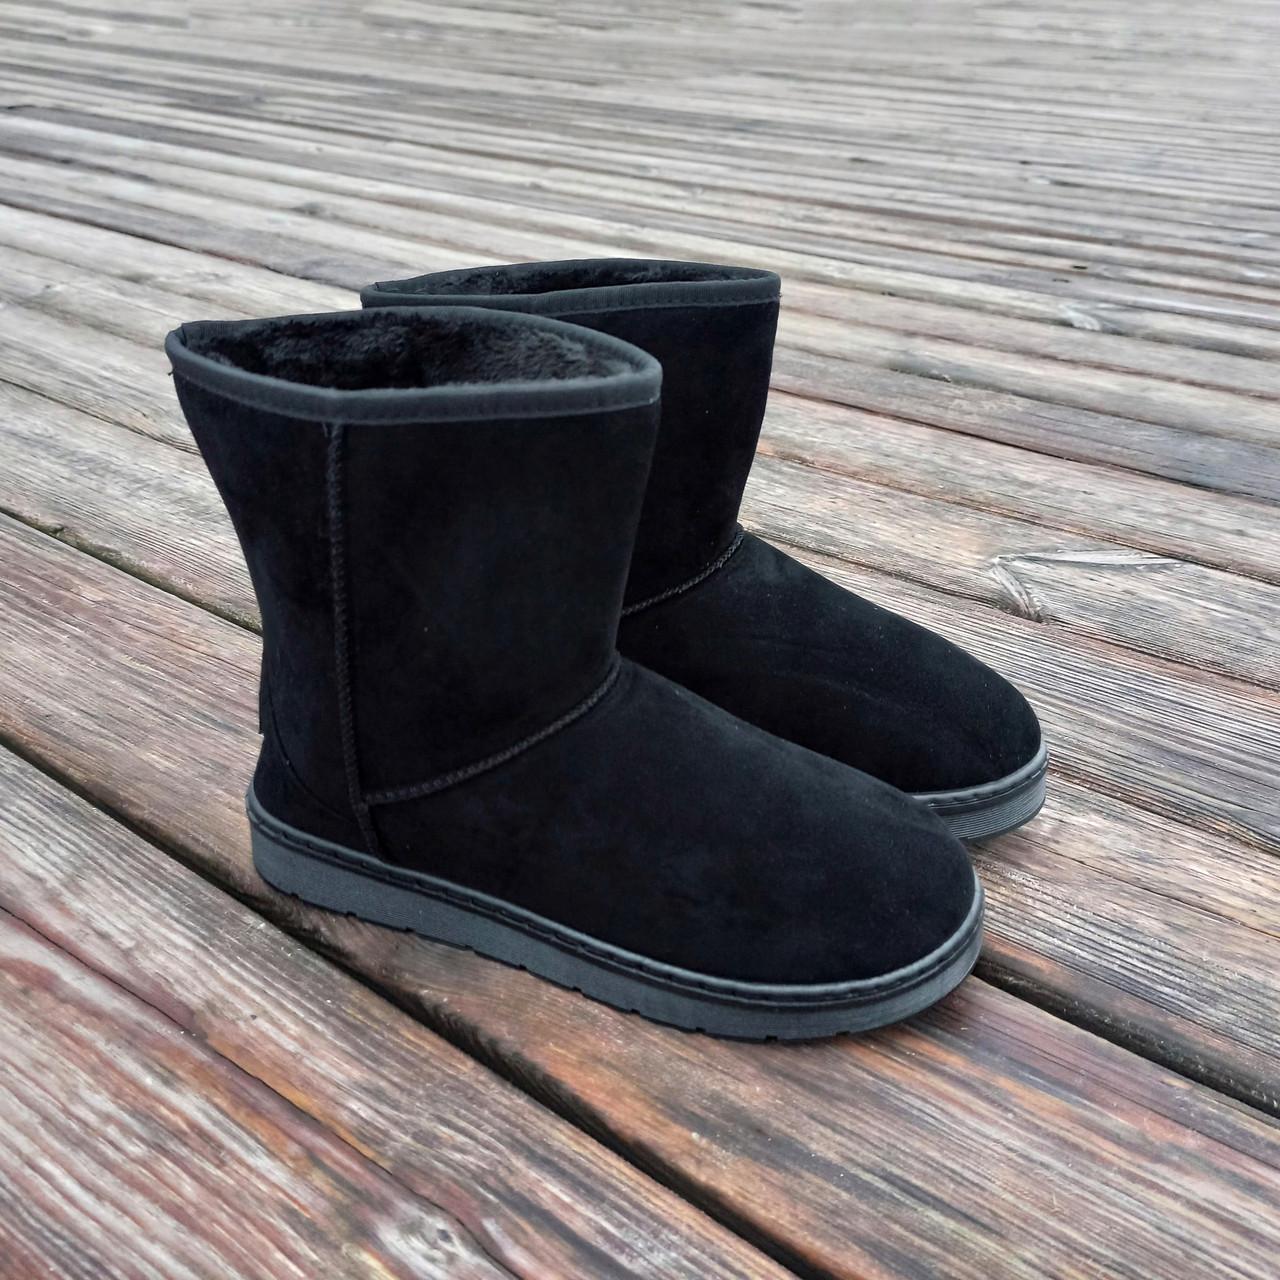 Угги черные мужские UGG эко замша замшевые высокие ботинки сапоги зимние